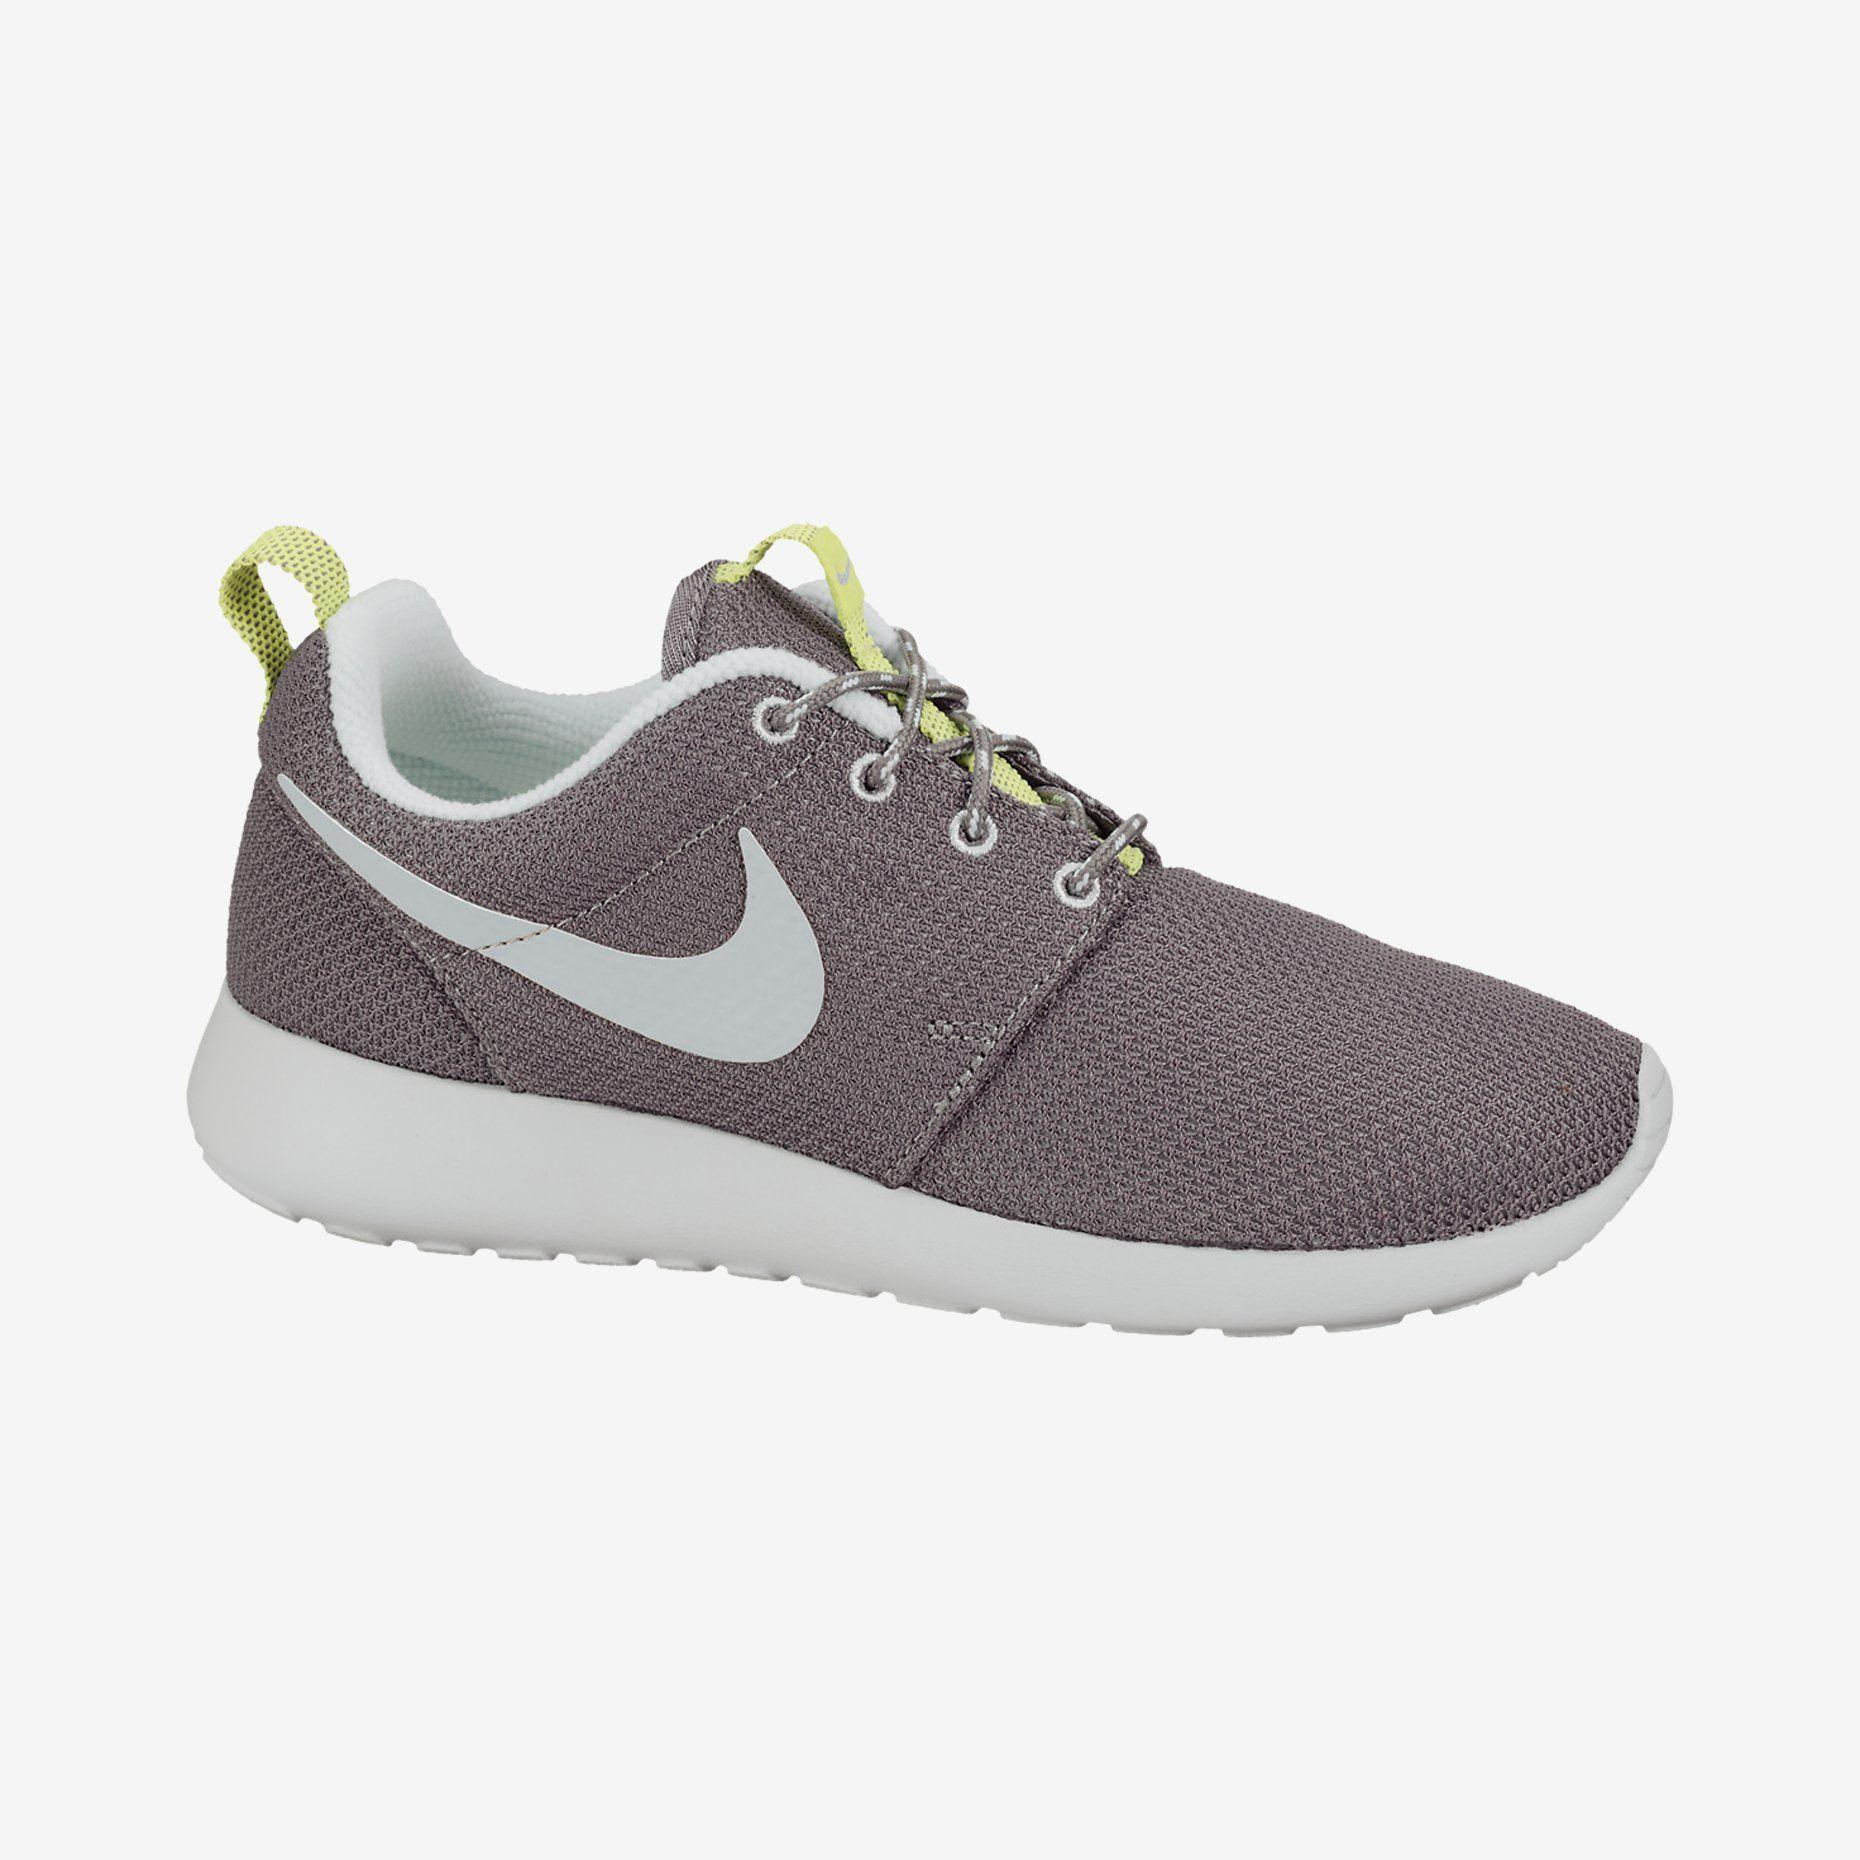 info for a6510 d77d3 Nike Store. Nike Roshe Run Womens Shoe